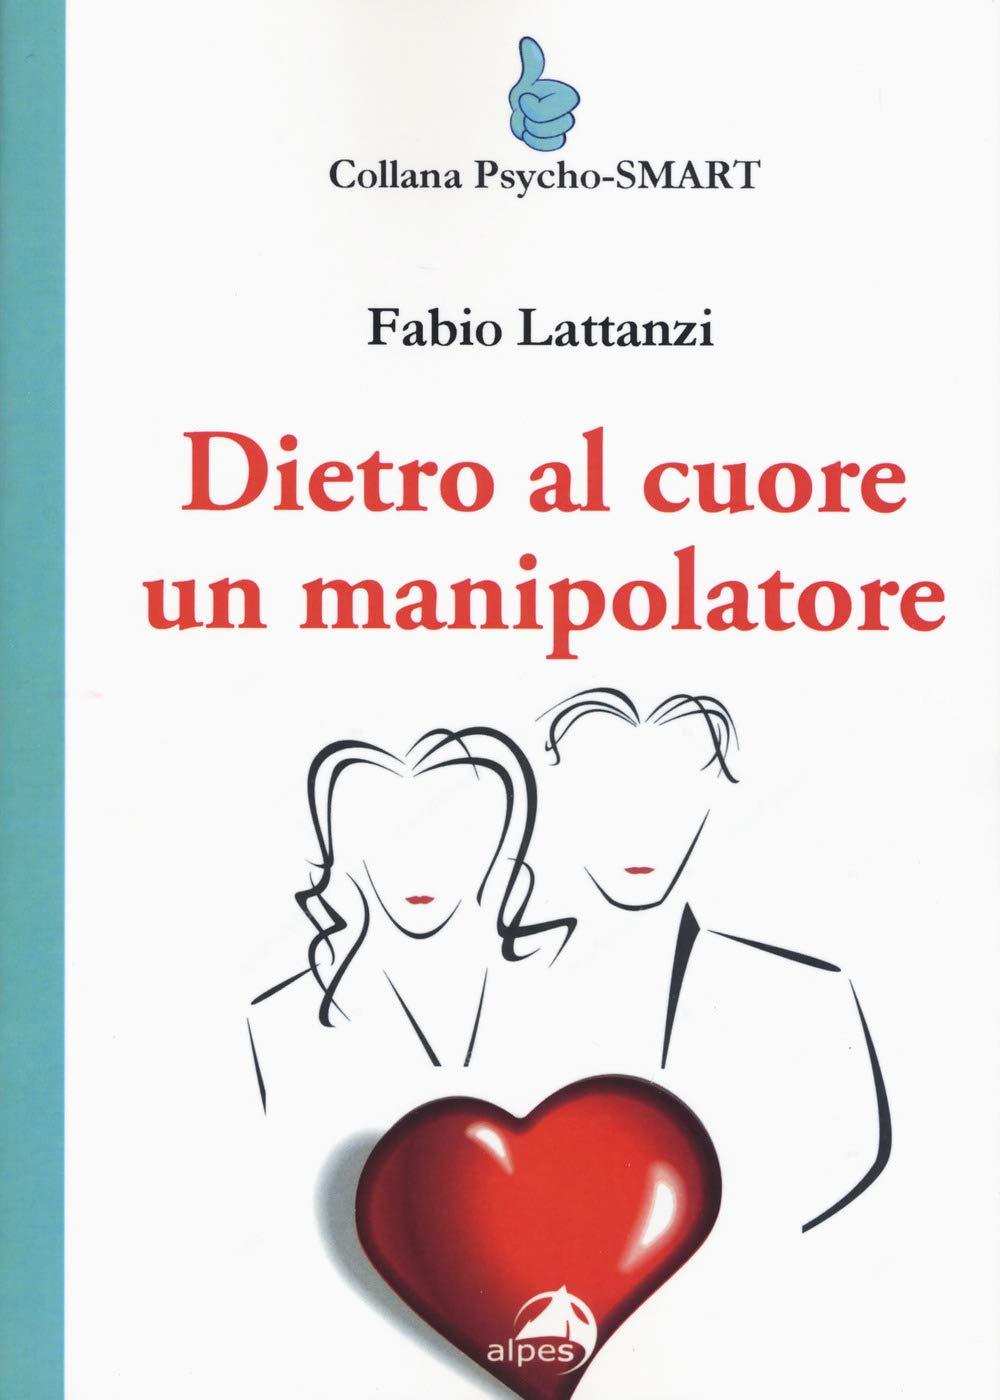 SCARICARE SOFTWARE CD MANIPOLATORI ITALIANO